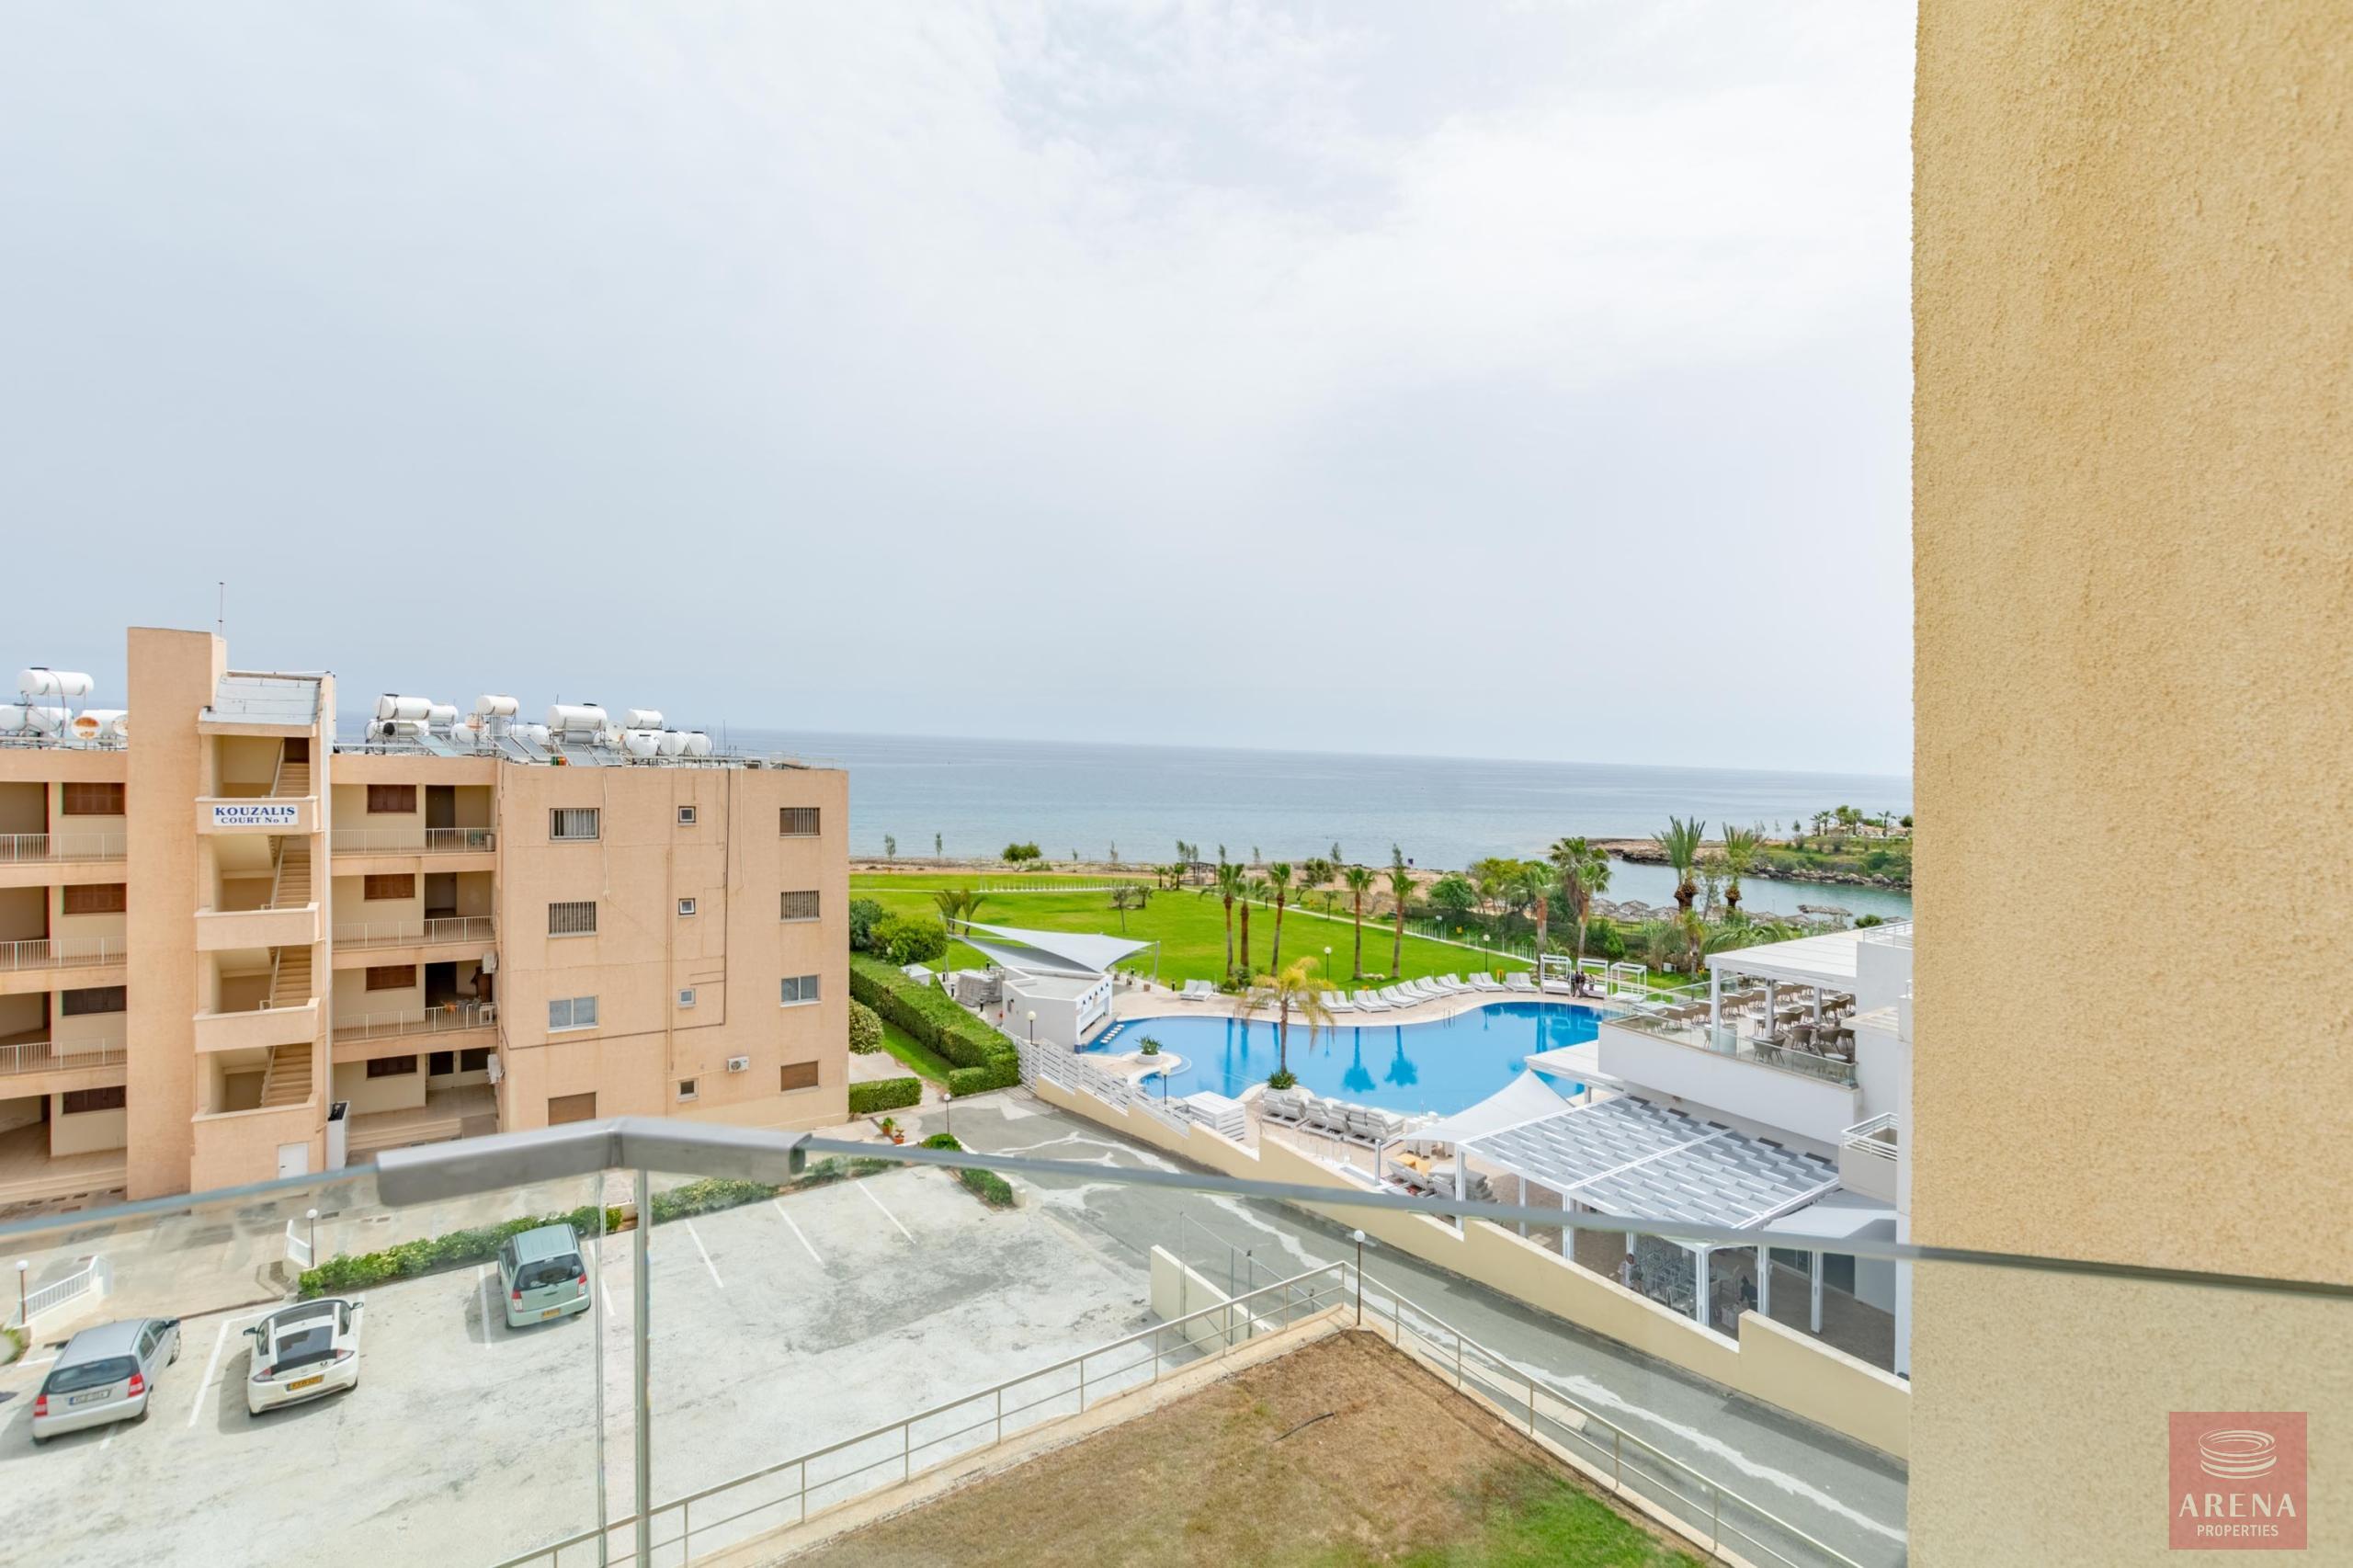 Apartment in Ayia Triada - sea views